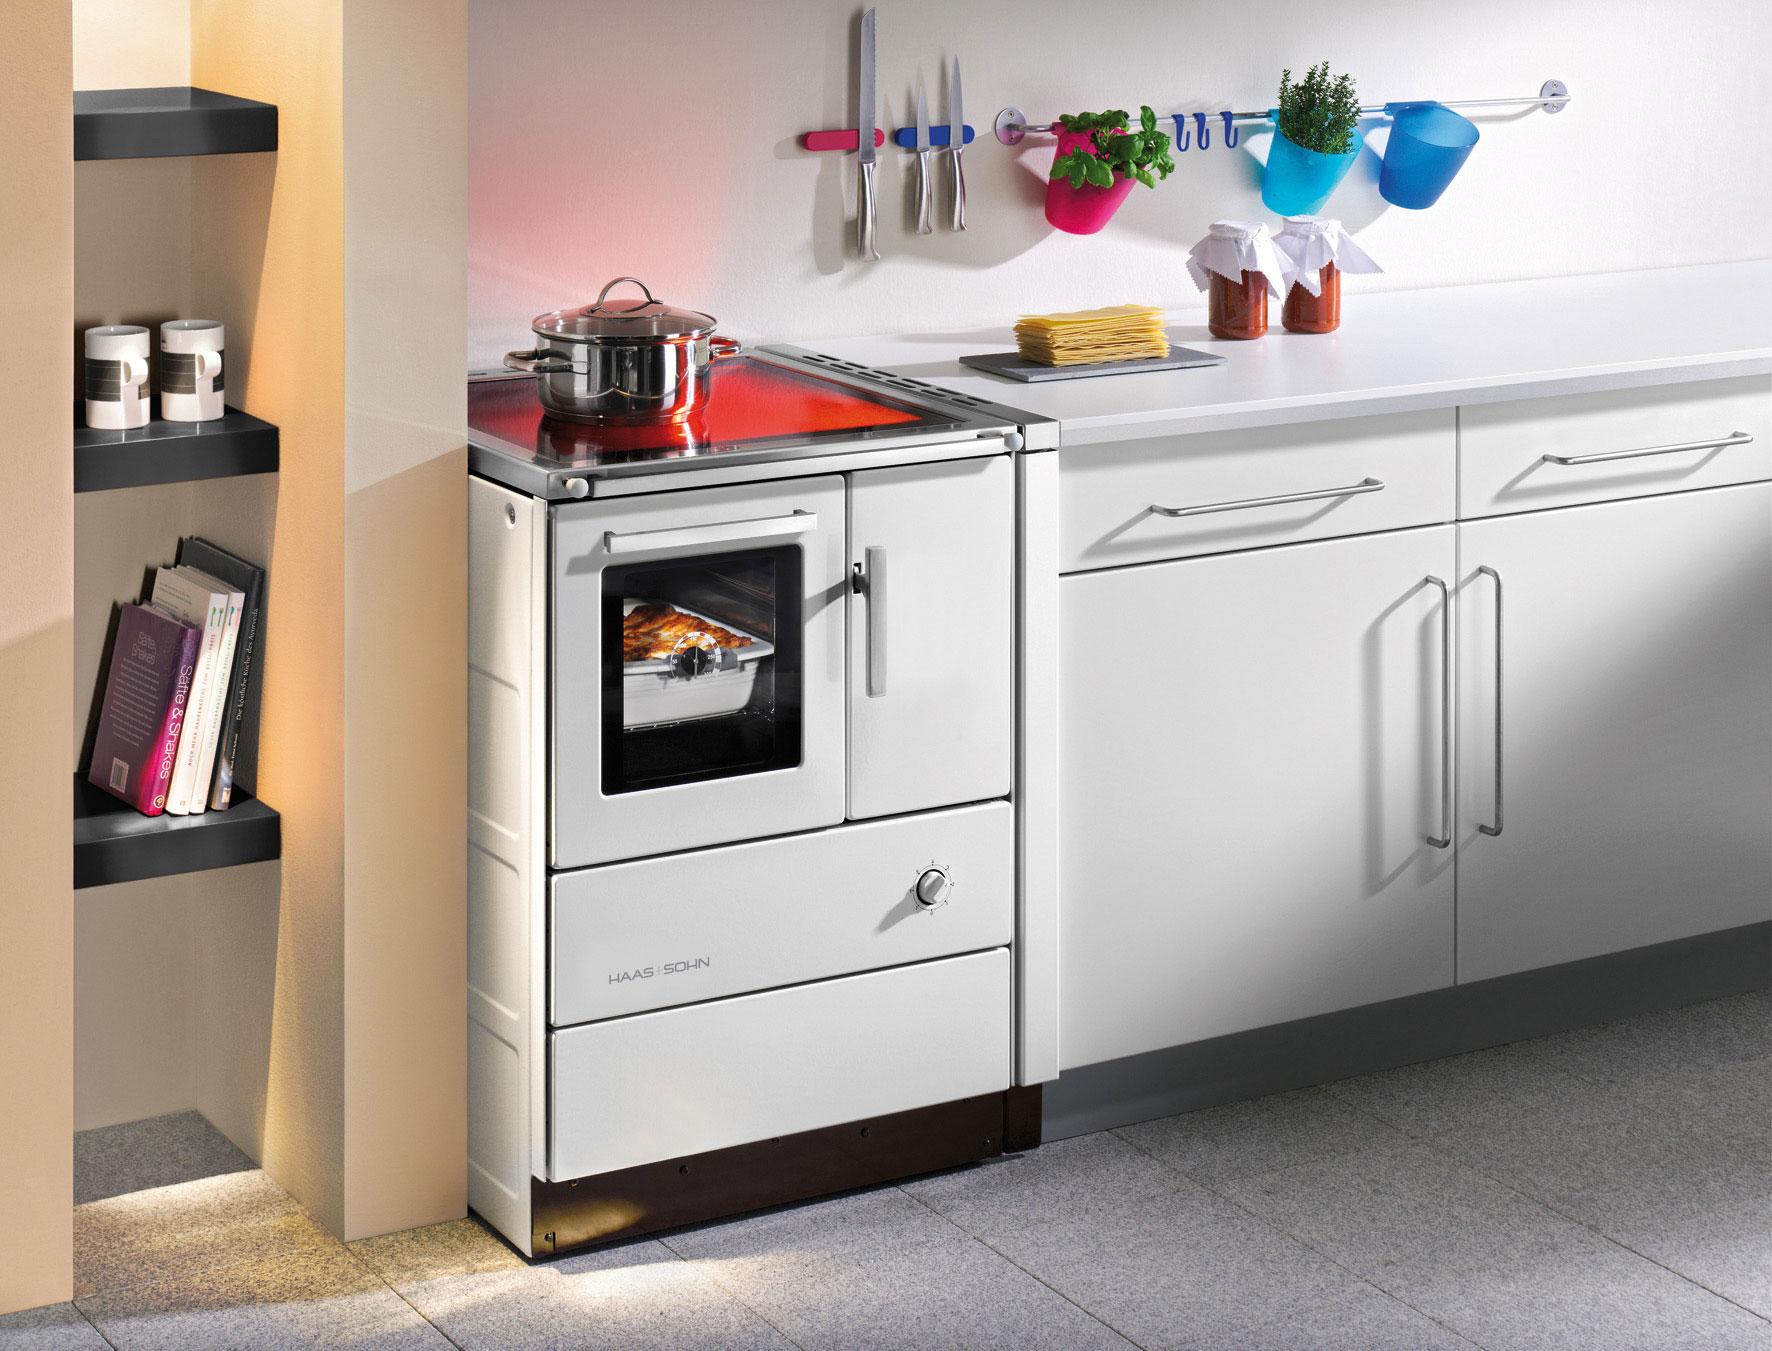 Küchenherde Holzfeuerung österreich